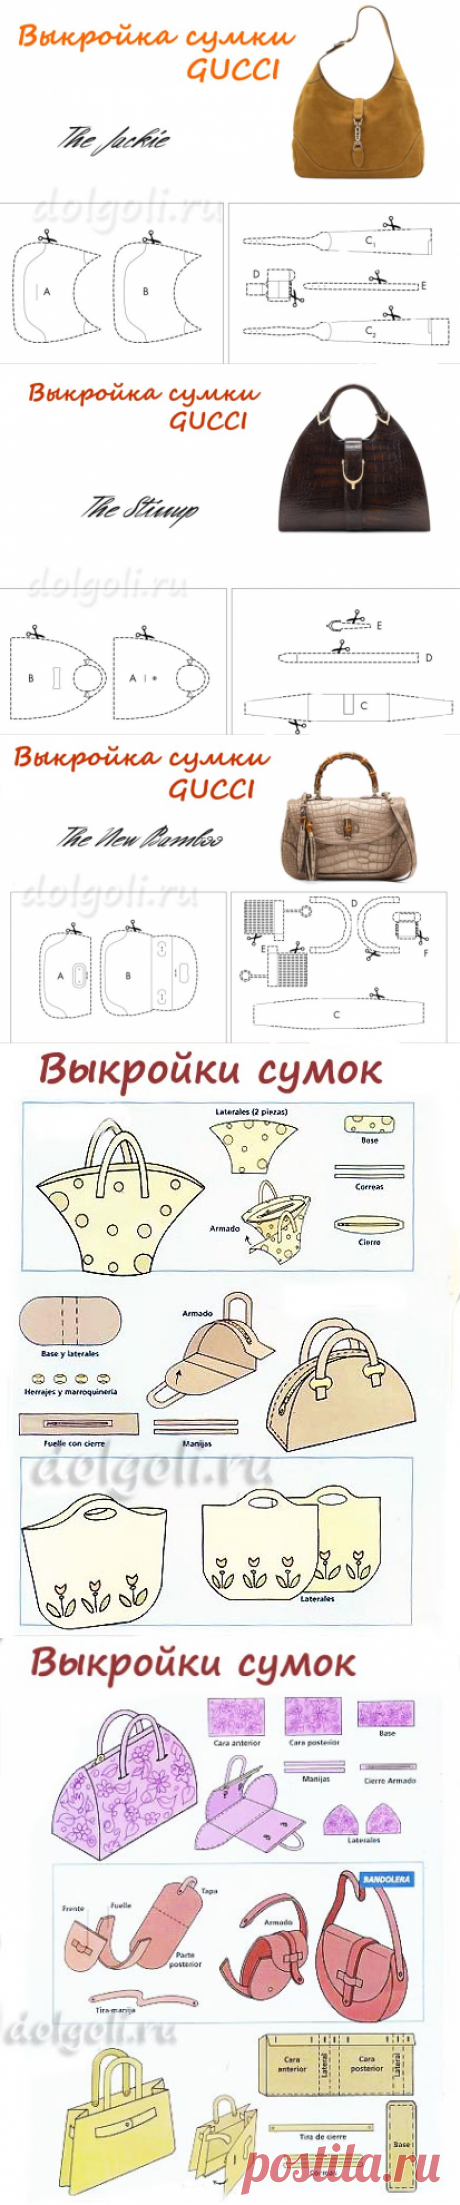 Сумки своими руками - выкройки для пошива из ткани или кожи